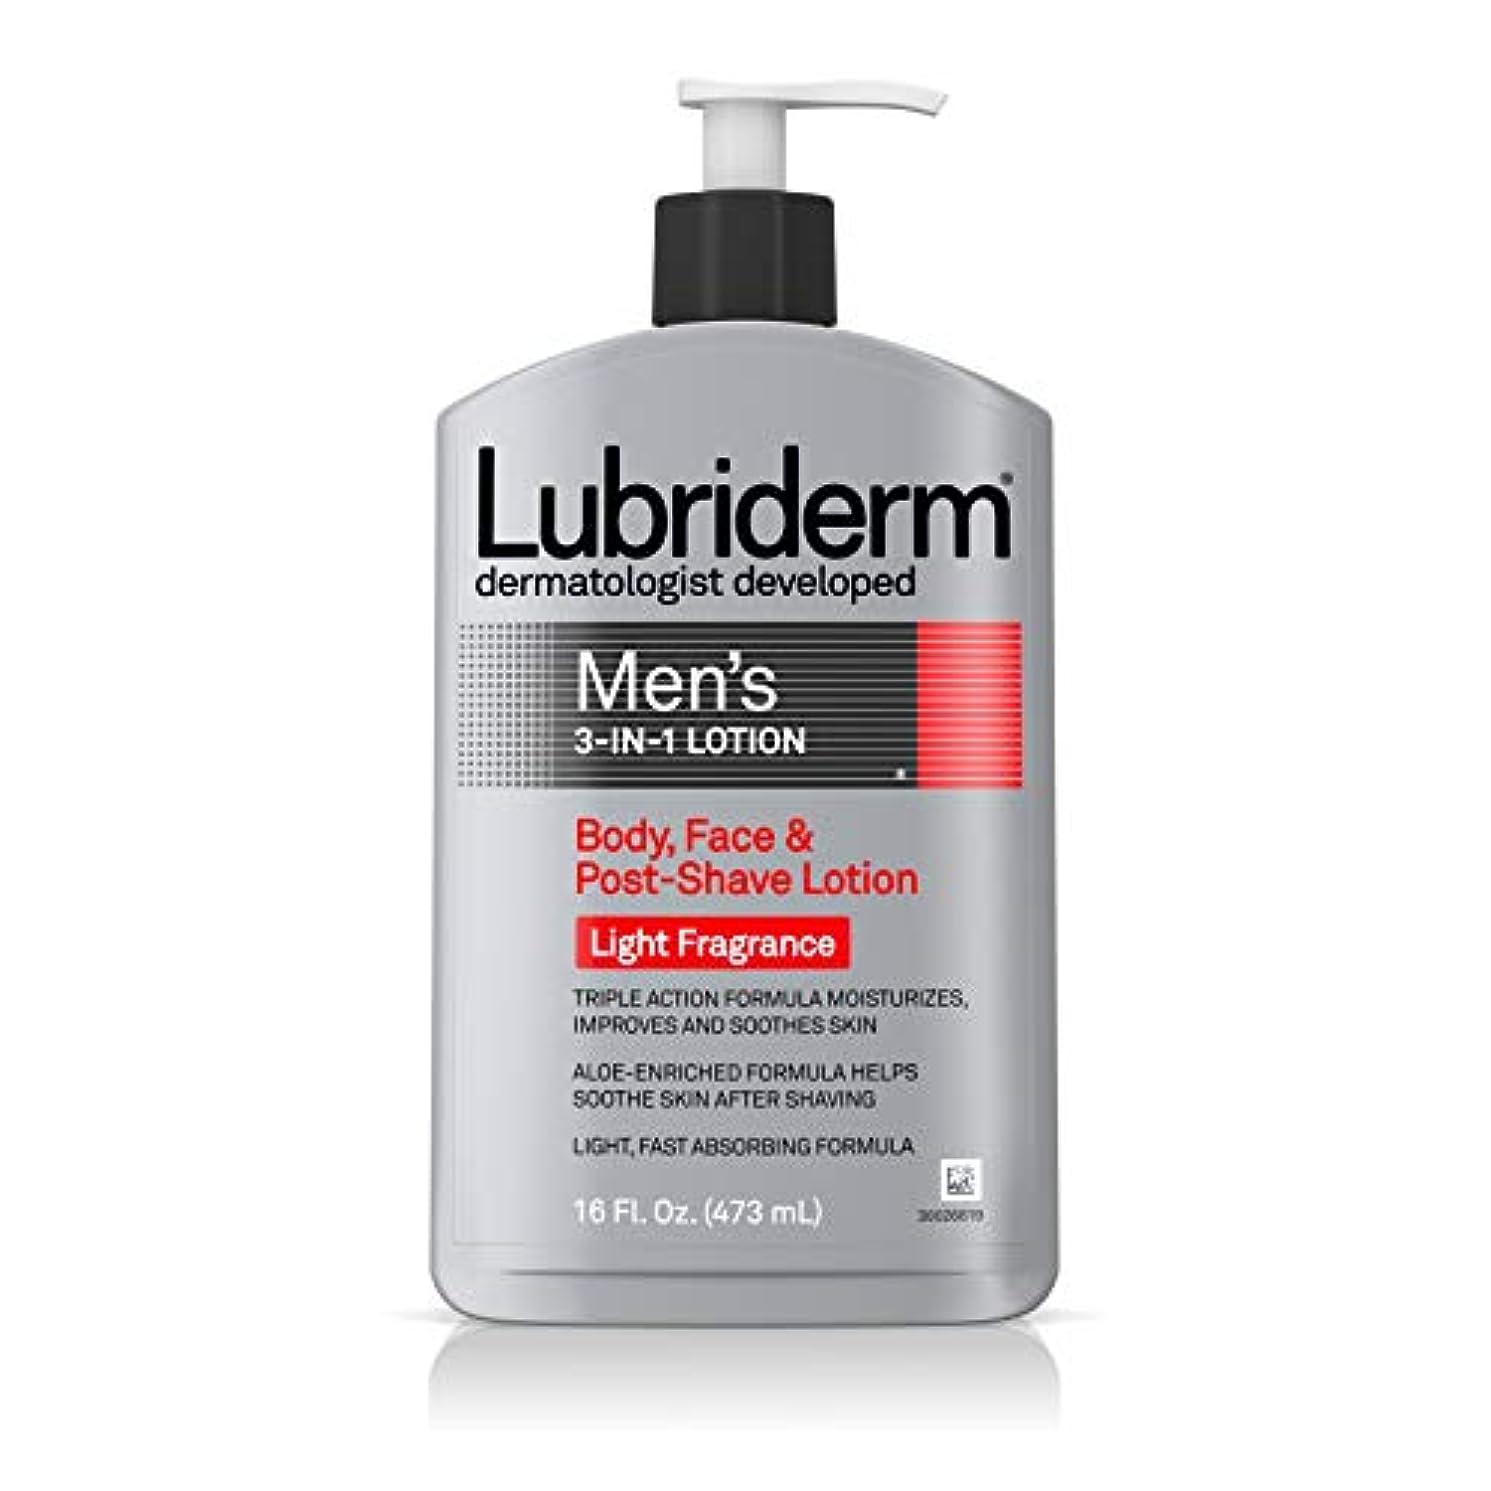 気性休日に好奇心盛Lubriderm メンズ3-IN-1ボディローションライトフレグランスで、16フロリダ。オズ